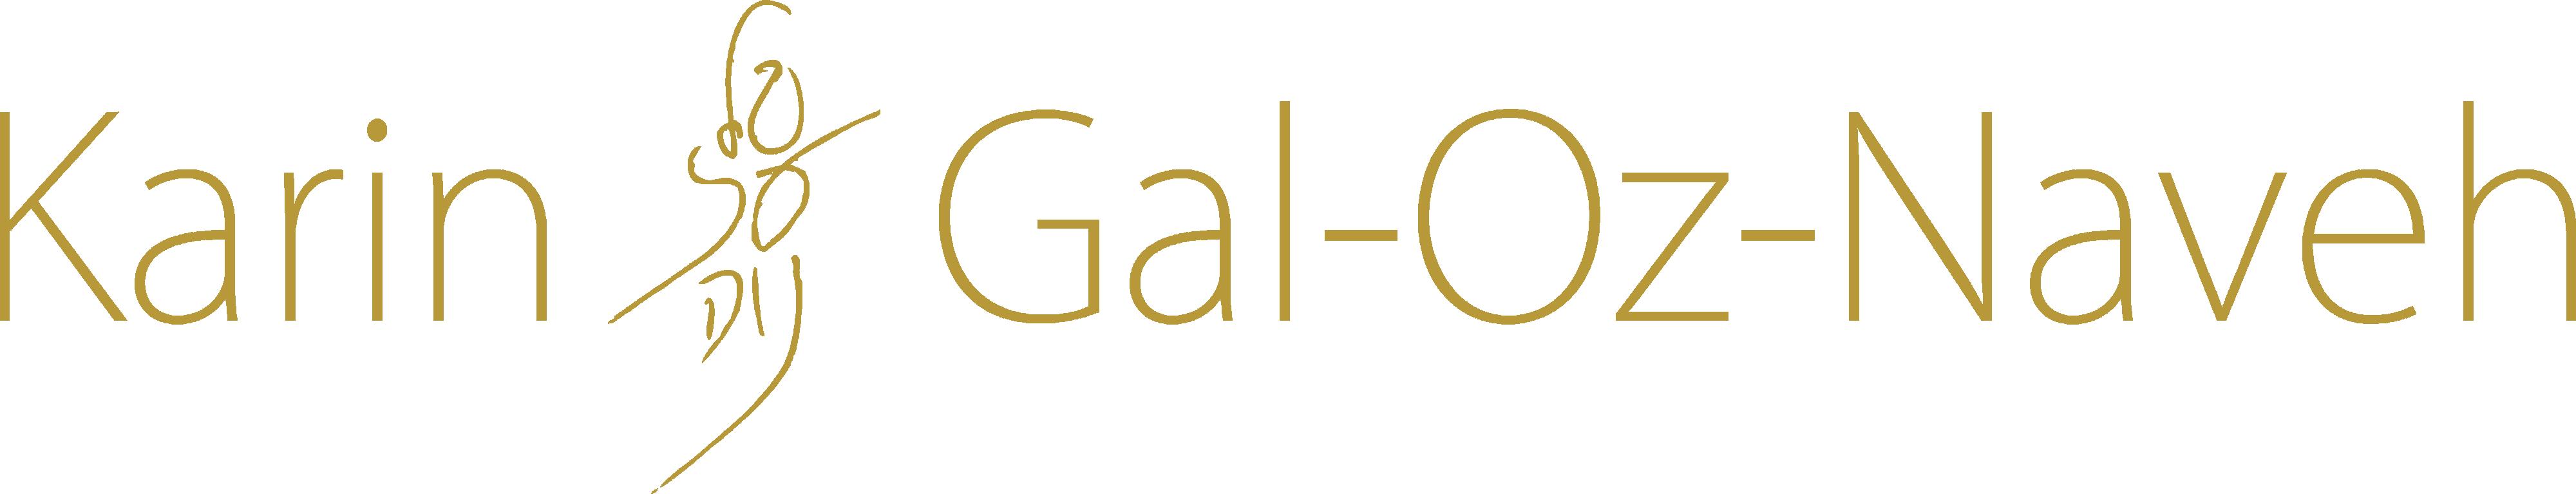 Karin Gal-Oz-Naveh Logo